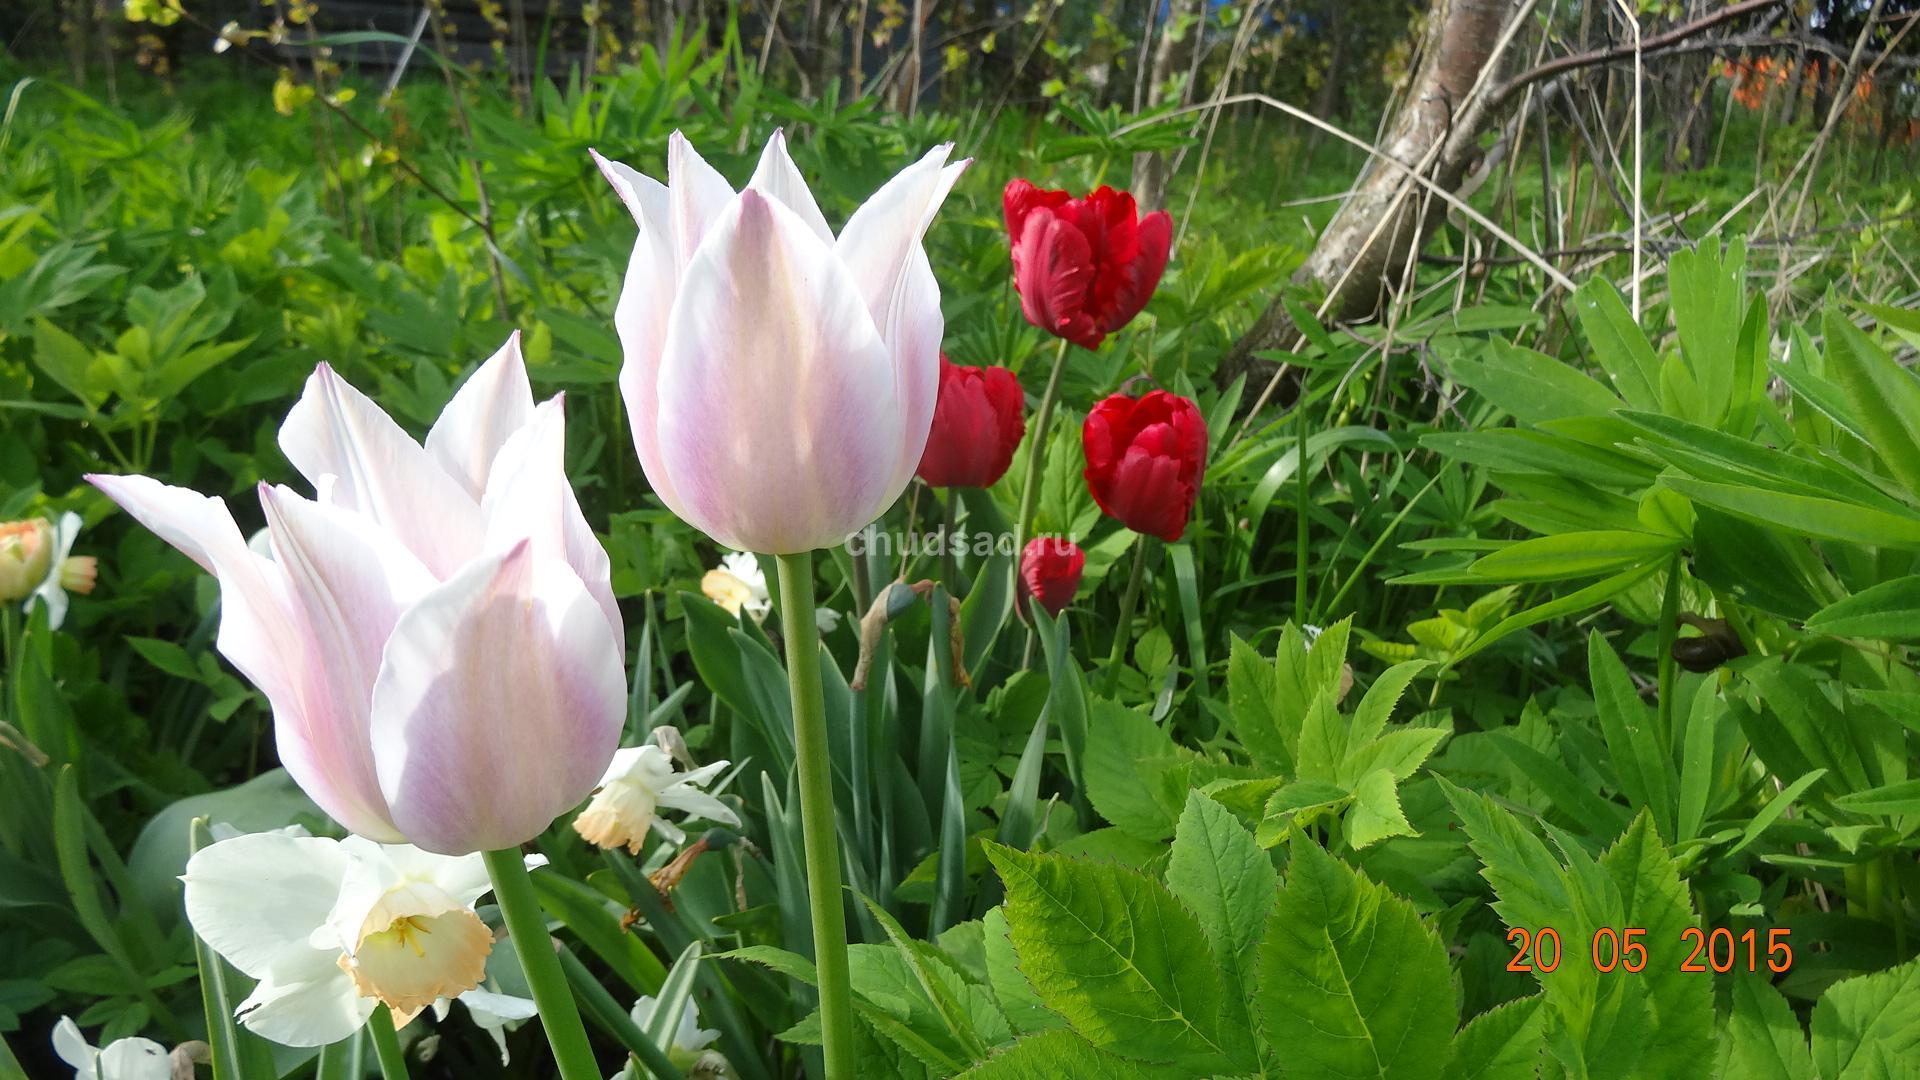 Лилиецветный тюльпан Юнихи